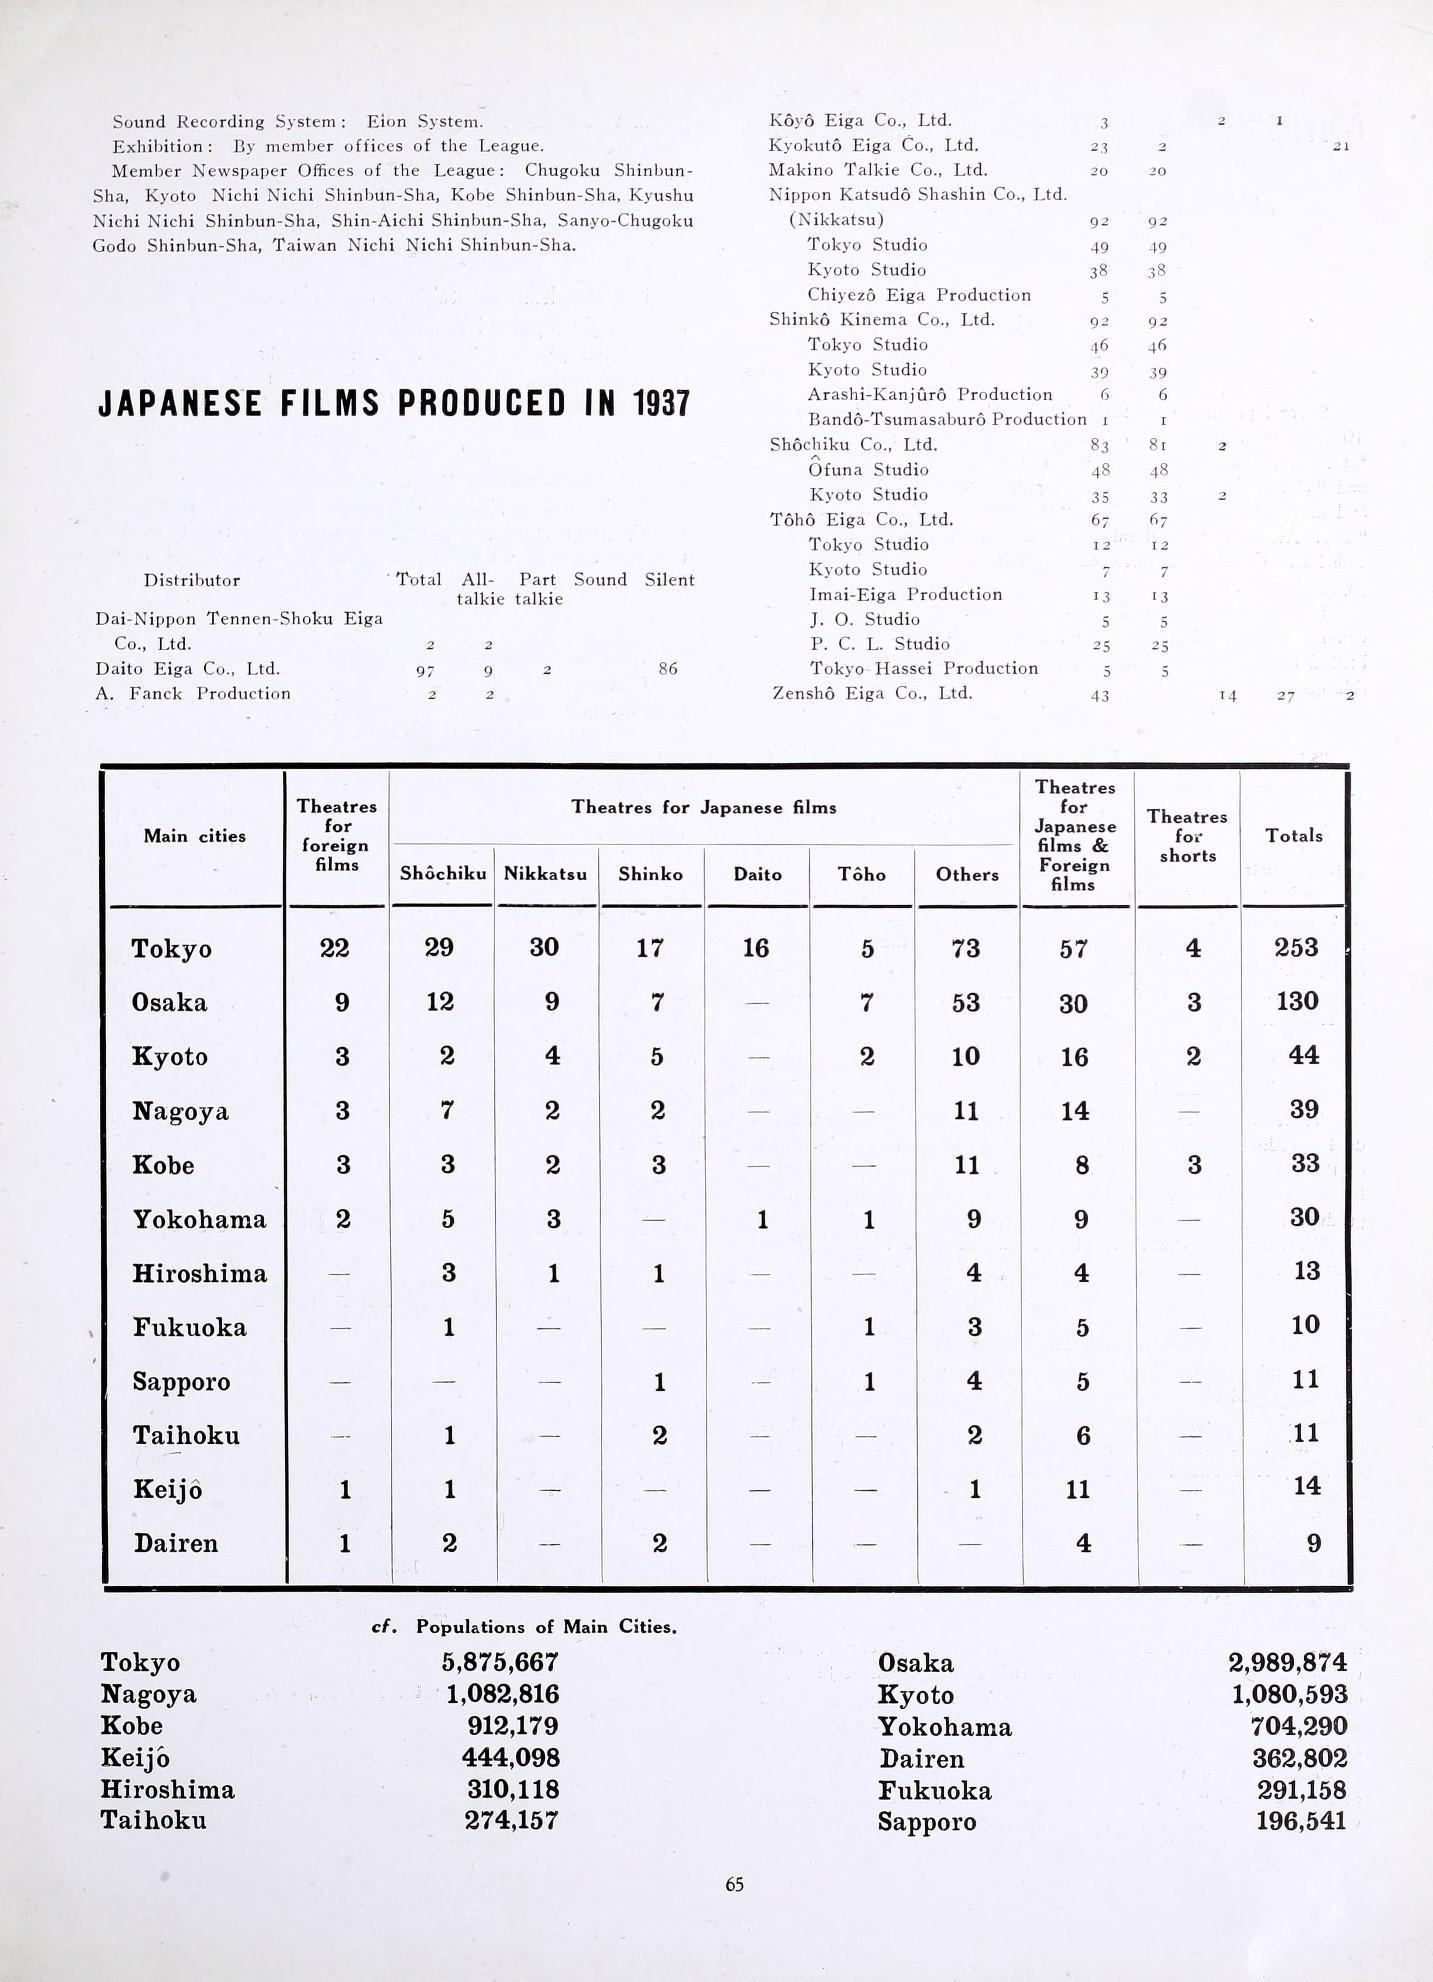 Cinemayearbookof00inte_0_jp2.zip&file=cinemayearbookof00inte_0_jp2%2fcinemayearbookof00inte_0_0075